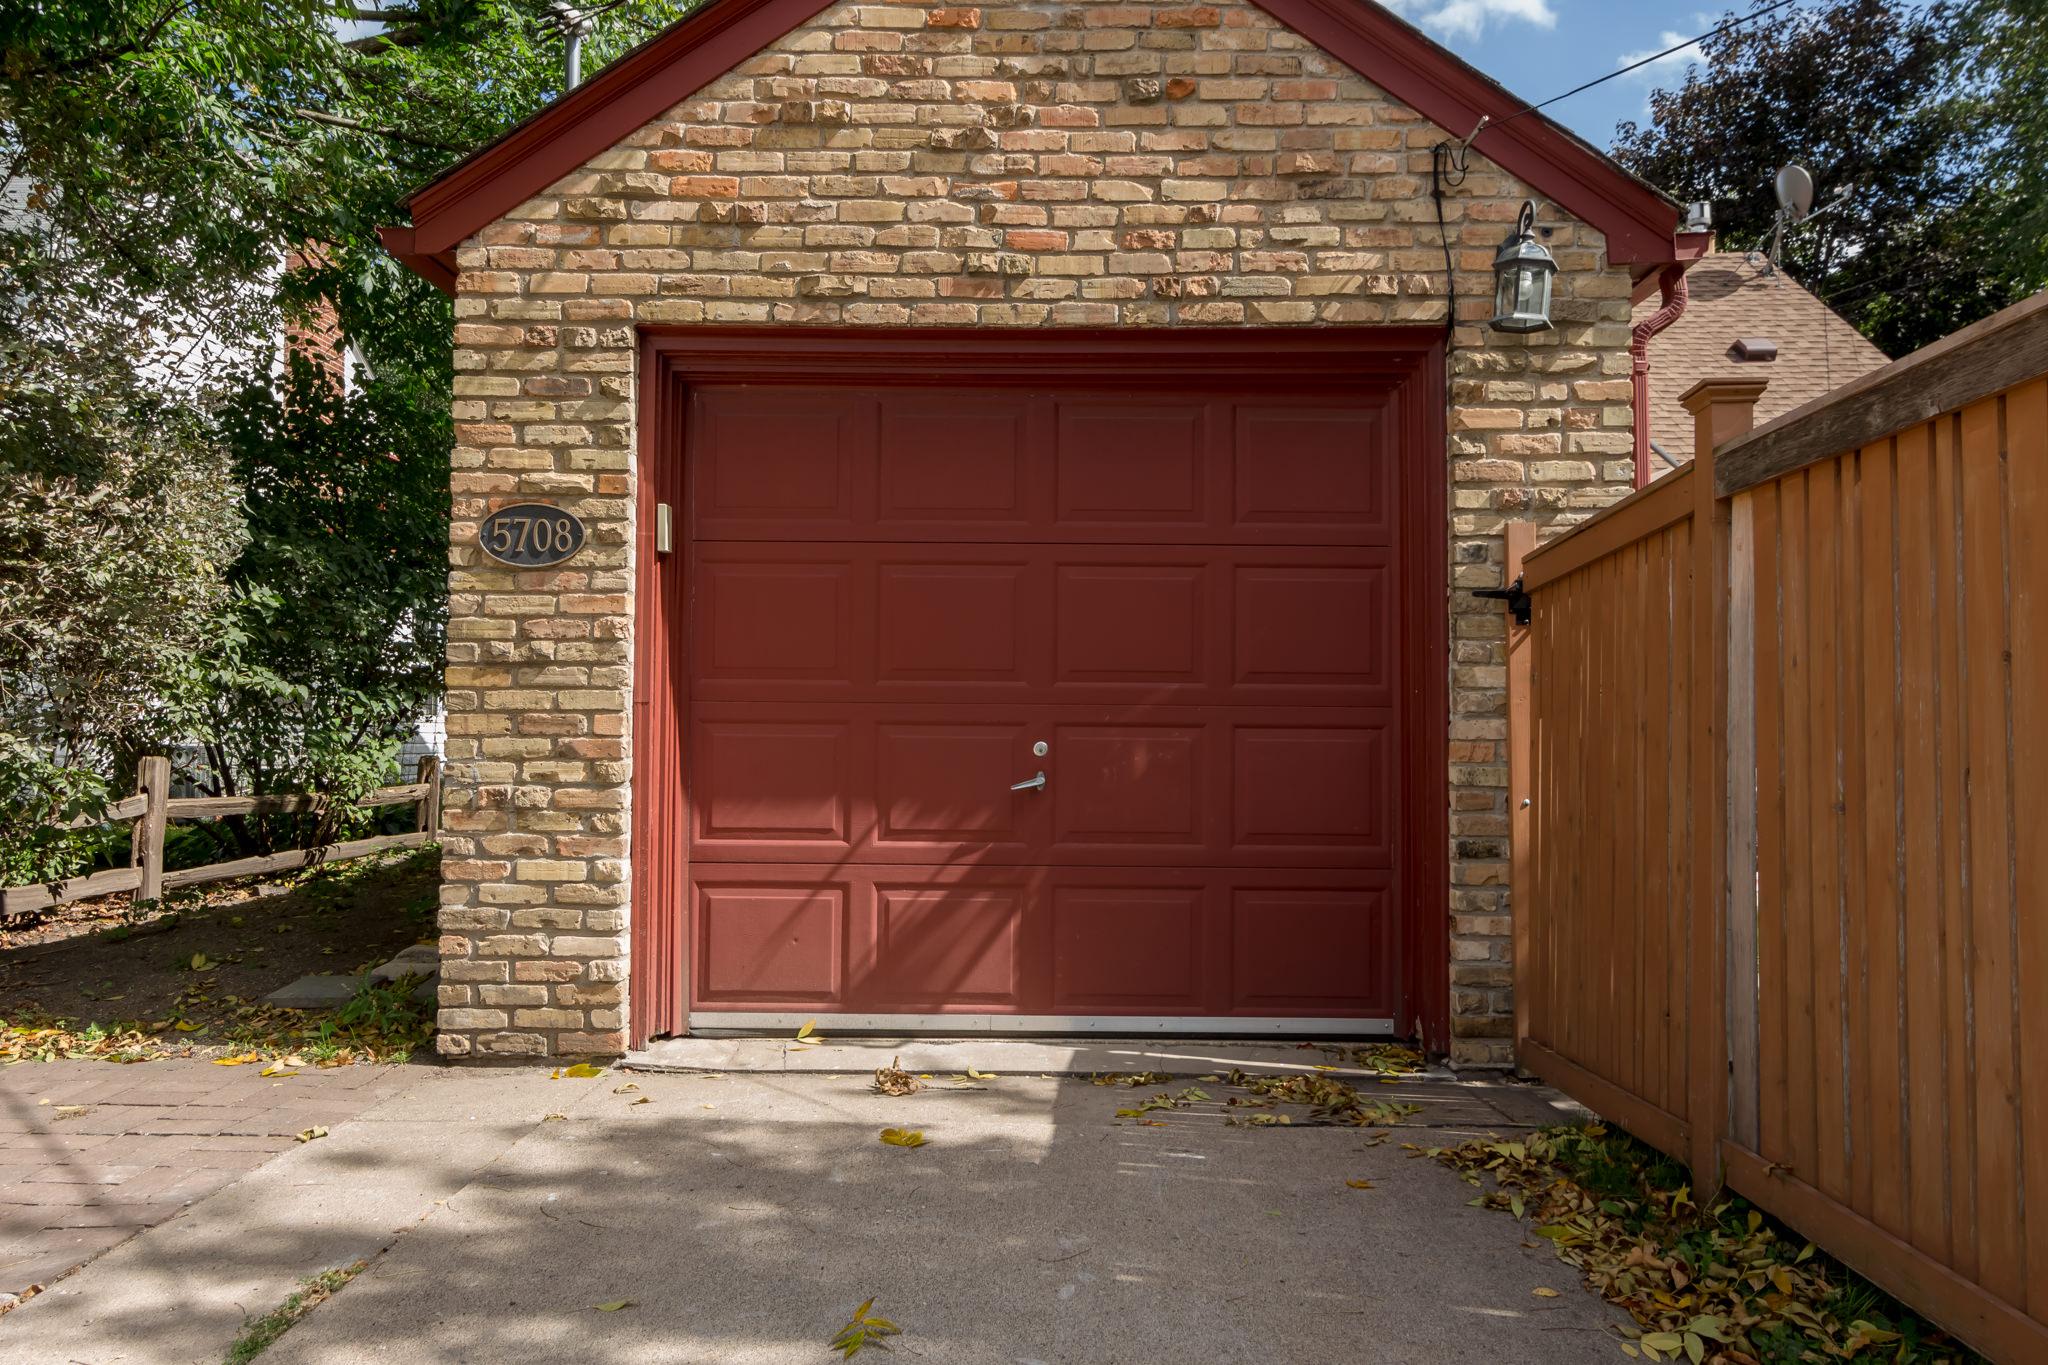 5708 Elliot Ave (Exteriors)-7.JPG